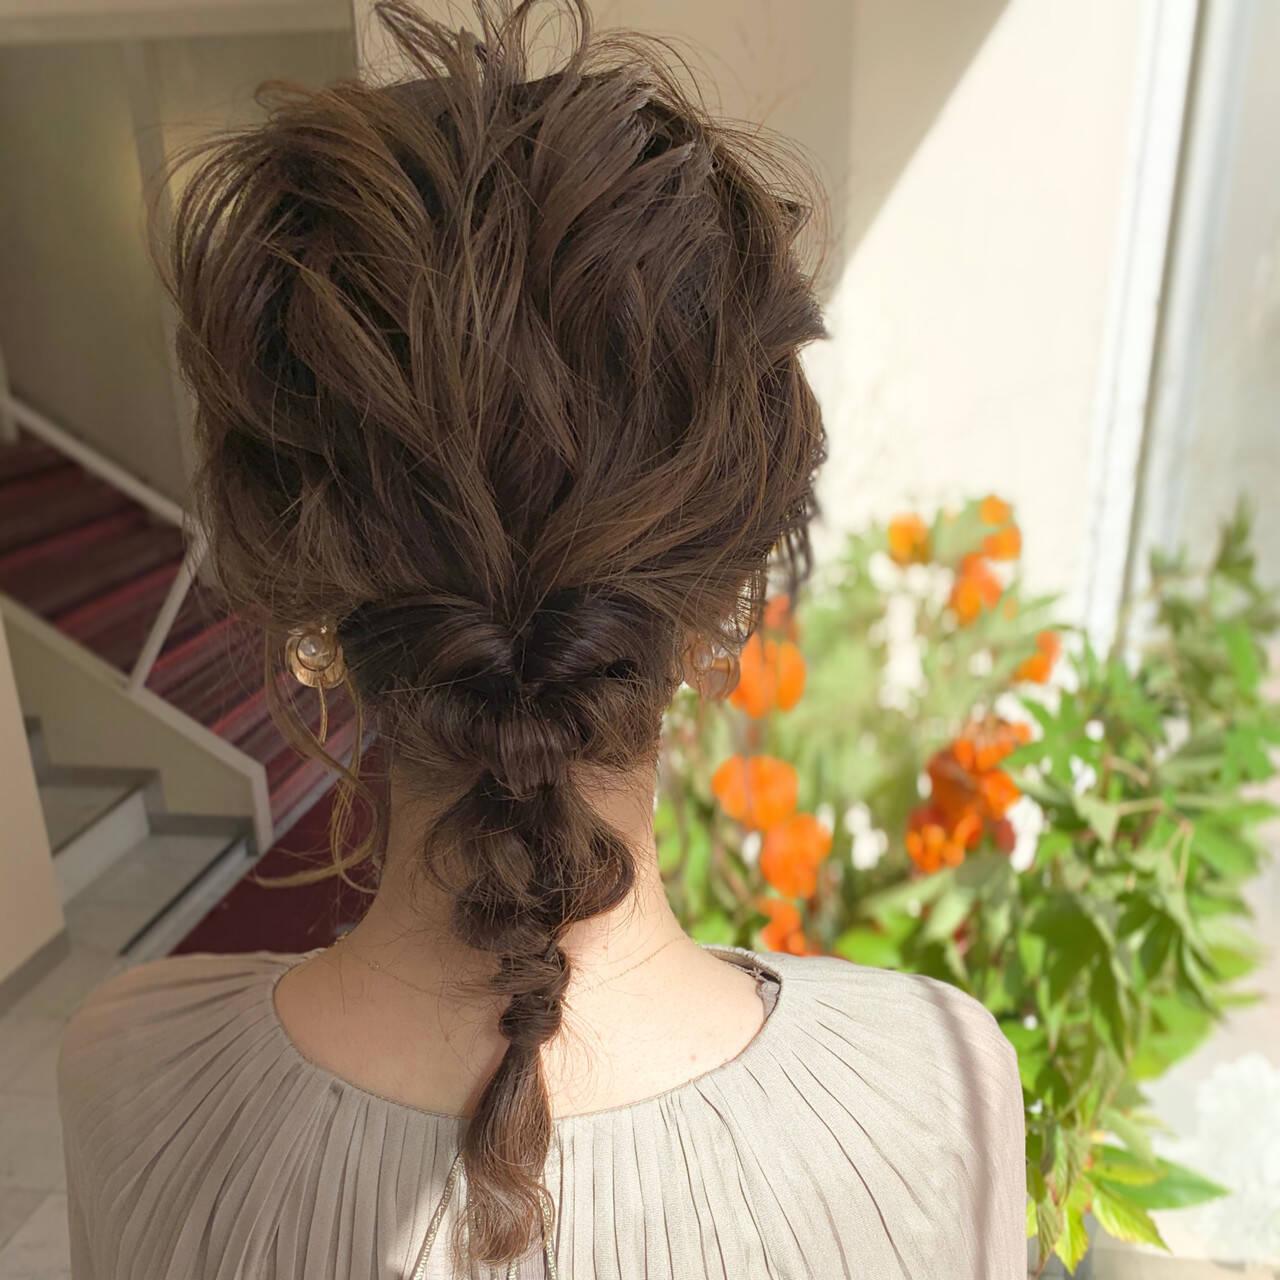 フェミニン ヘアアレンジ セミロング 編みおろしヘアスタイルや髪型の写真・画像